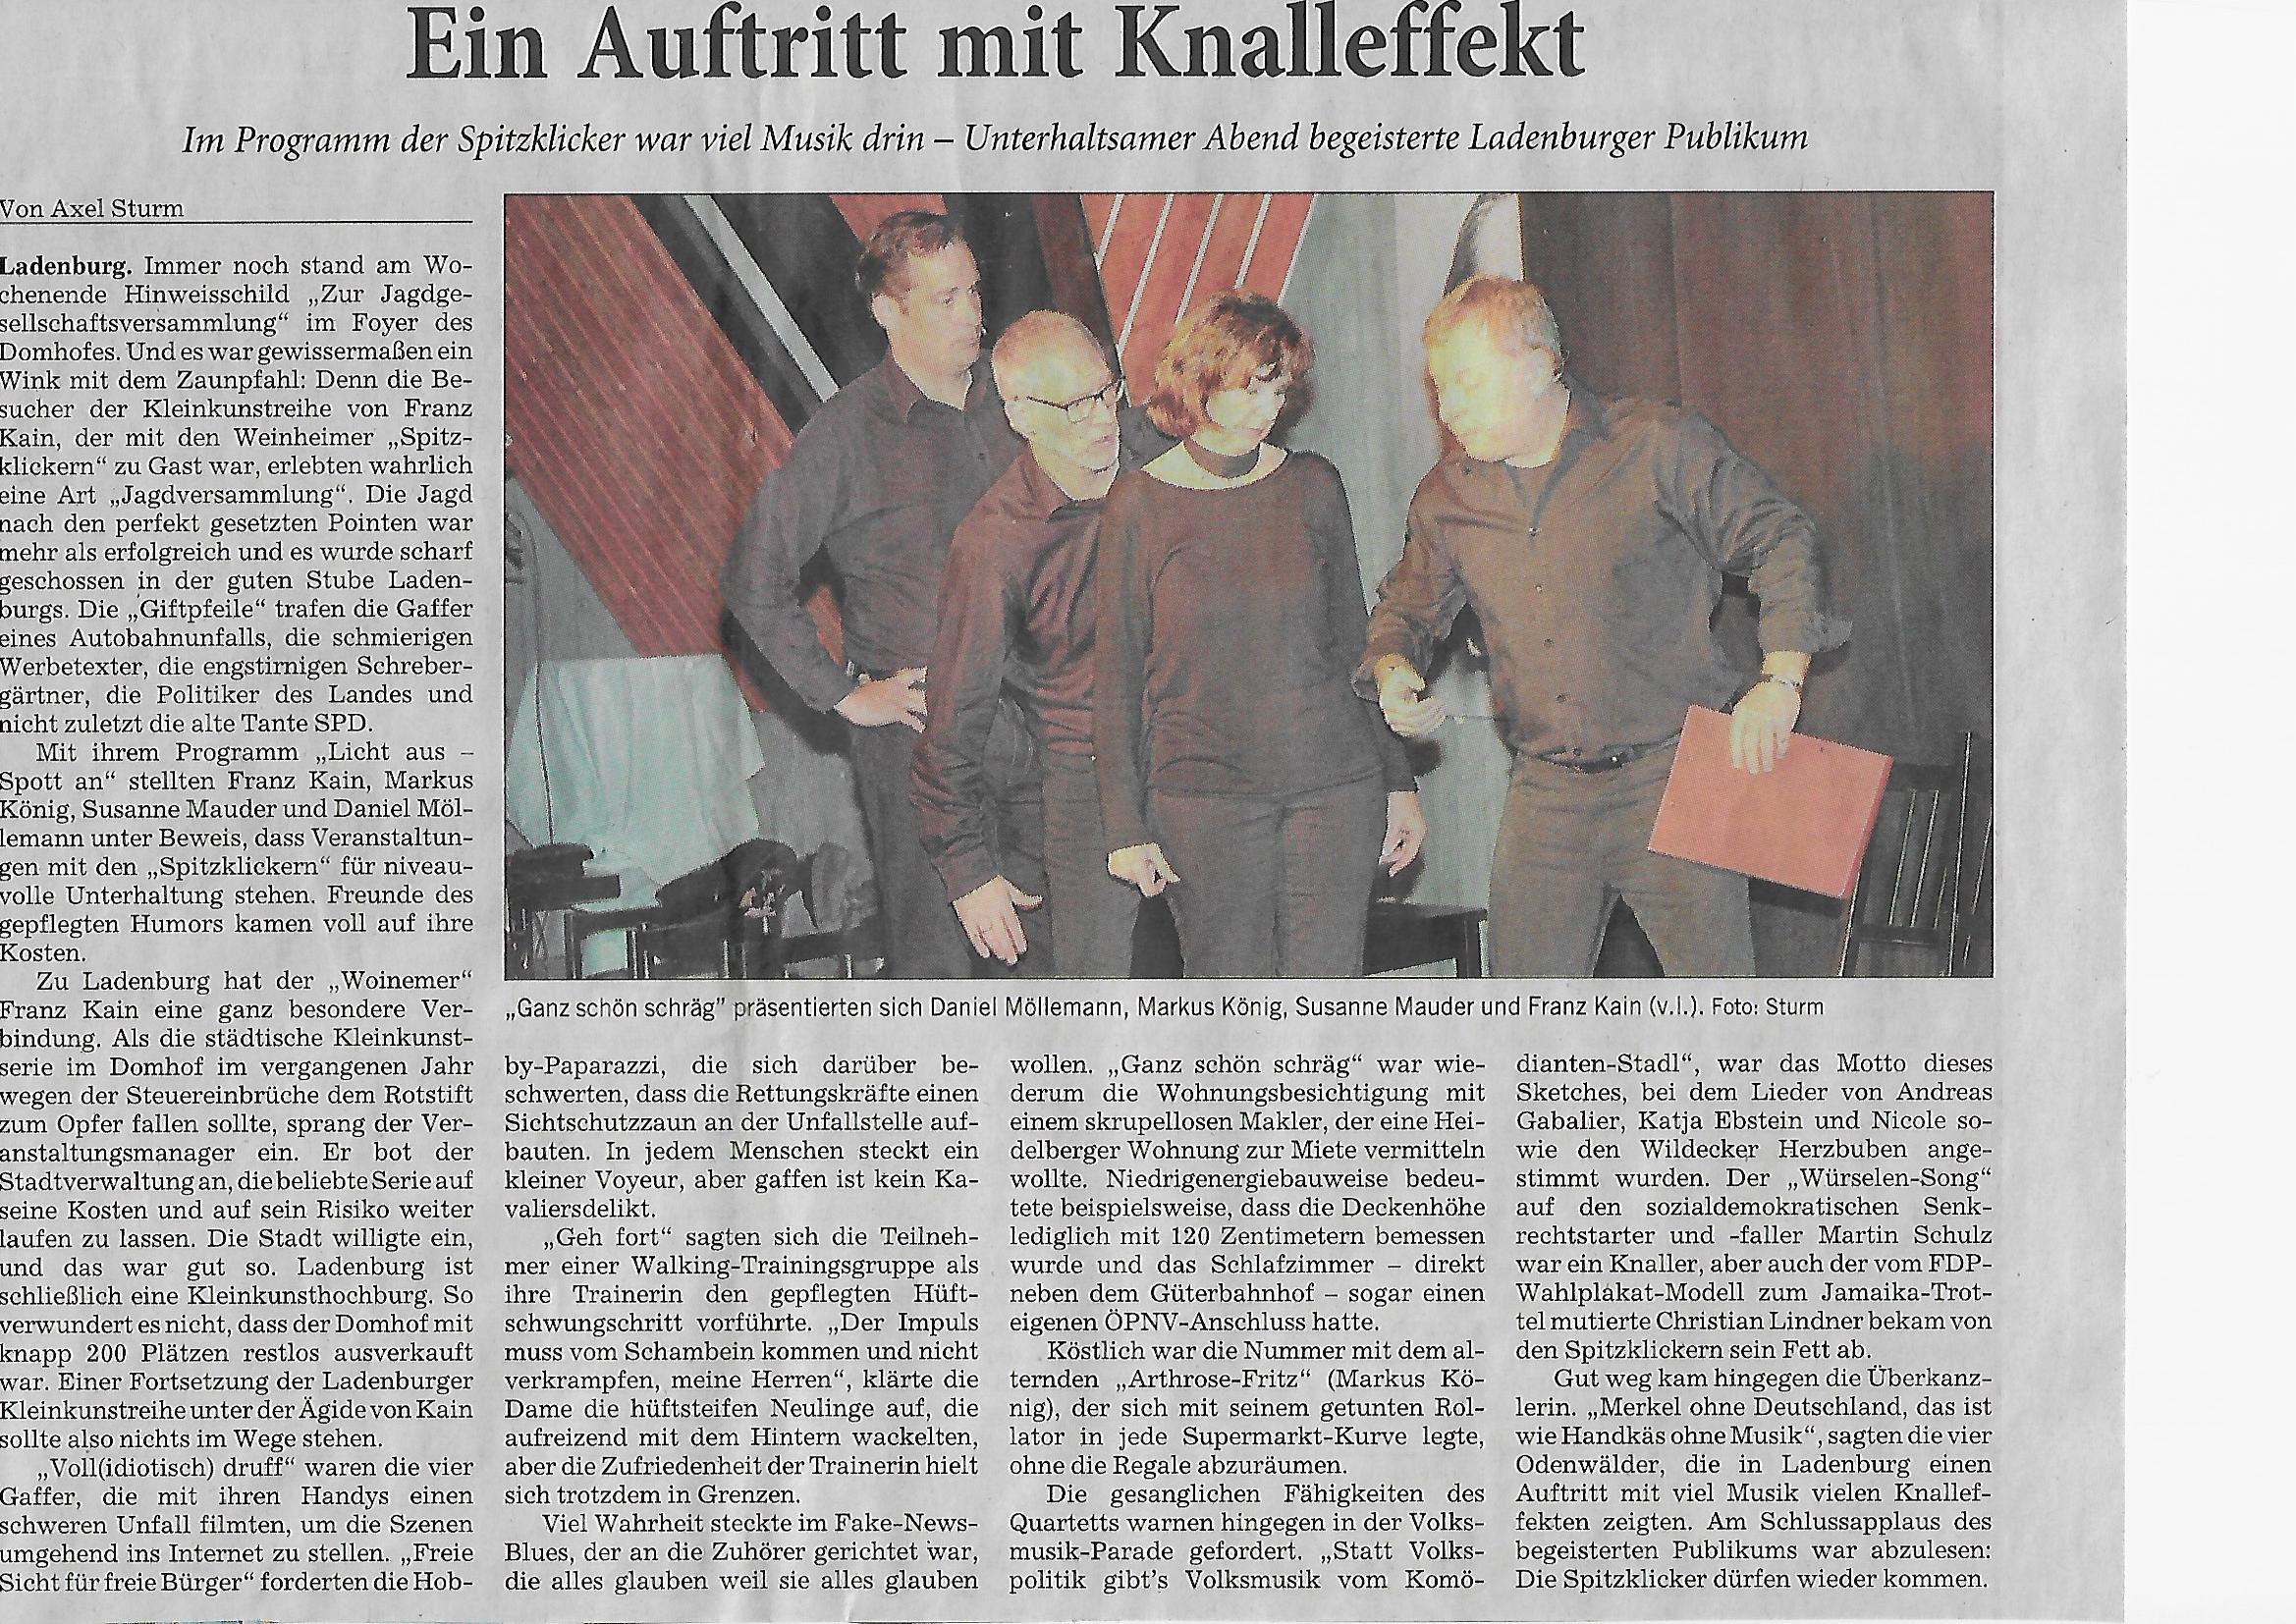 Rhein-Neckar-Zeitung 15. März 2018